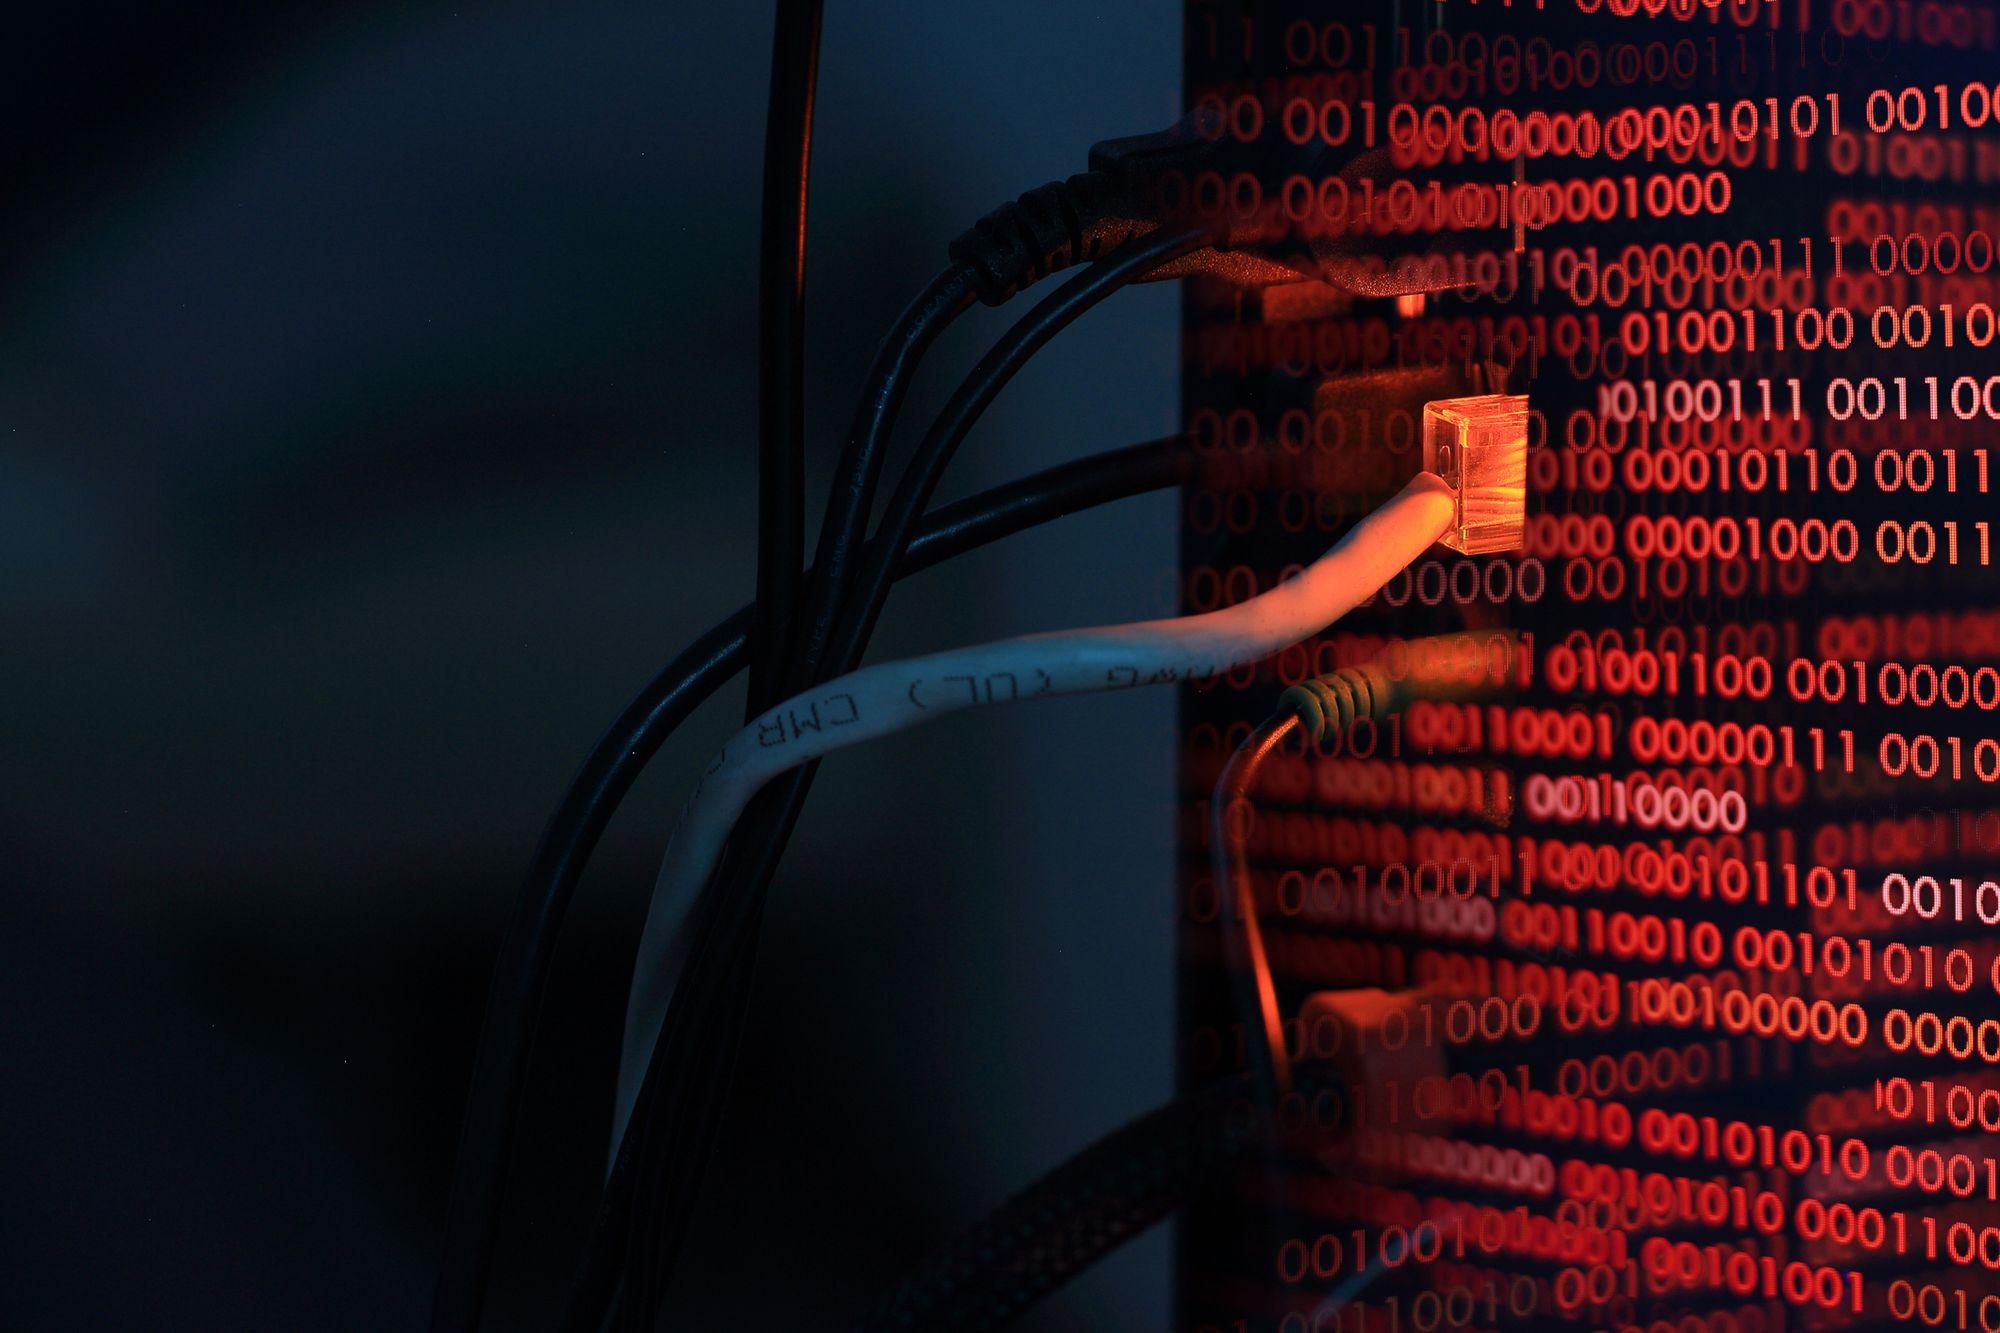 Ransomware Babuk sofre ataque de ransomware, não paga e tem fórum inundado com GIFs de orgias gays